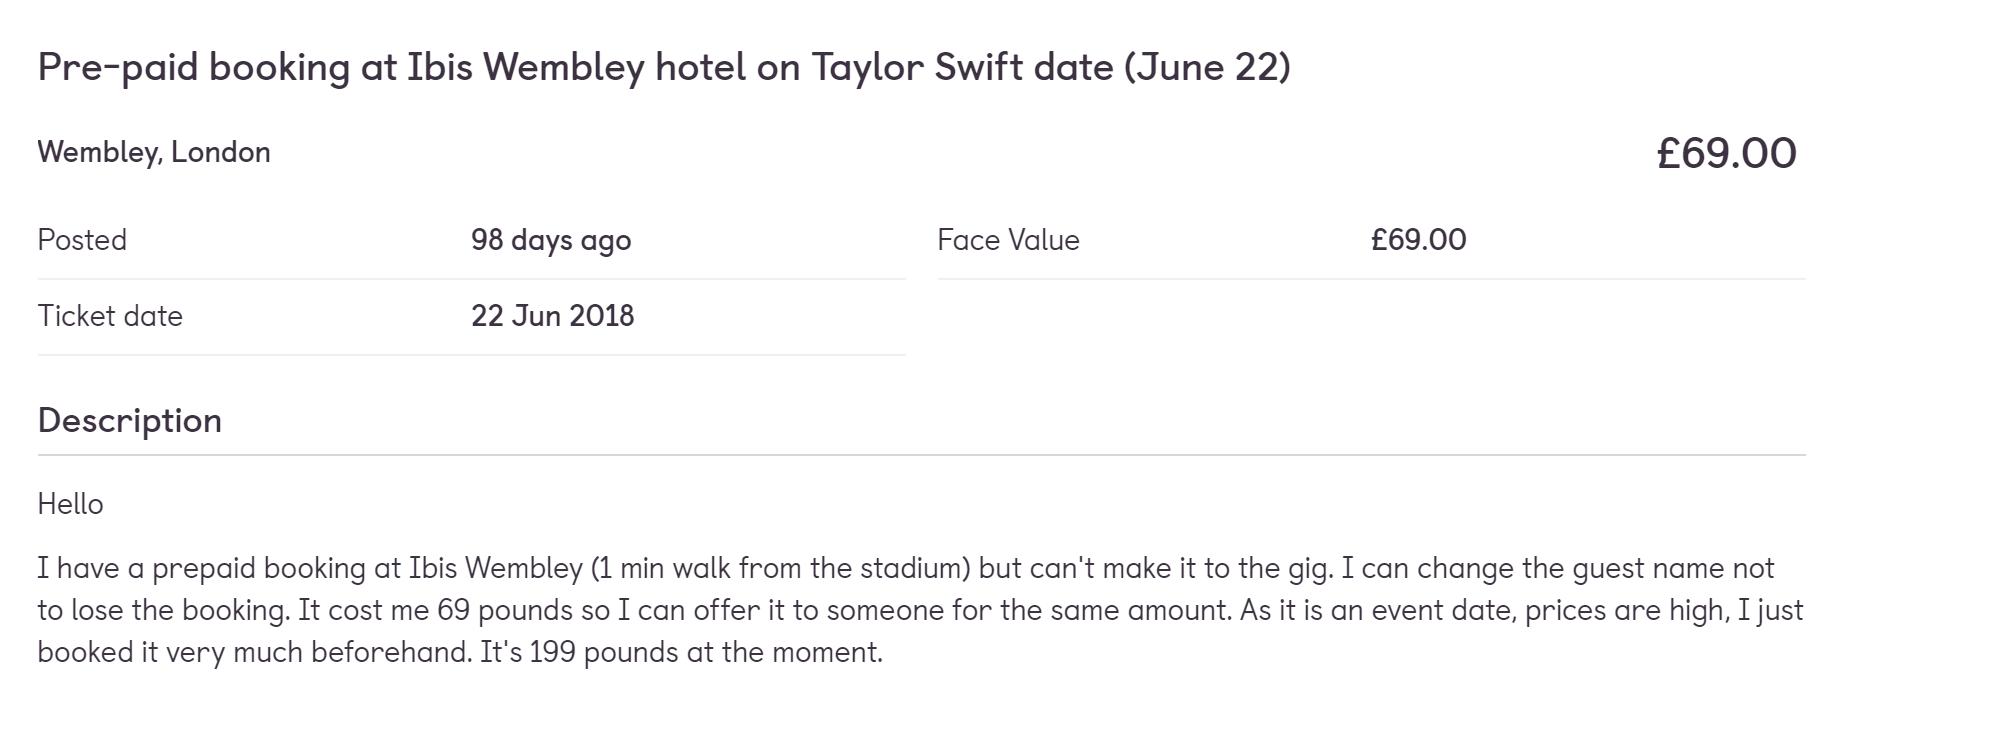 Цену указала ту, что заплатила сама, — хотелось просто вернуть деньги. В этот момент такие же номера отель продавал уже по 199 фунтов за ночь — это больше 16 тысяч рублей